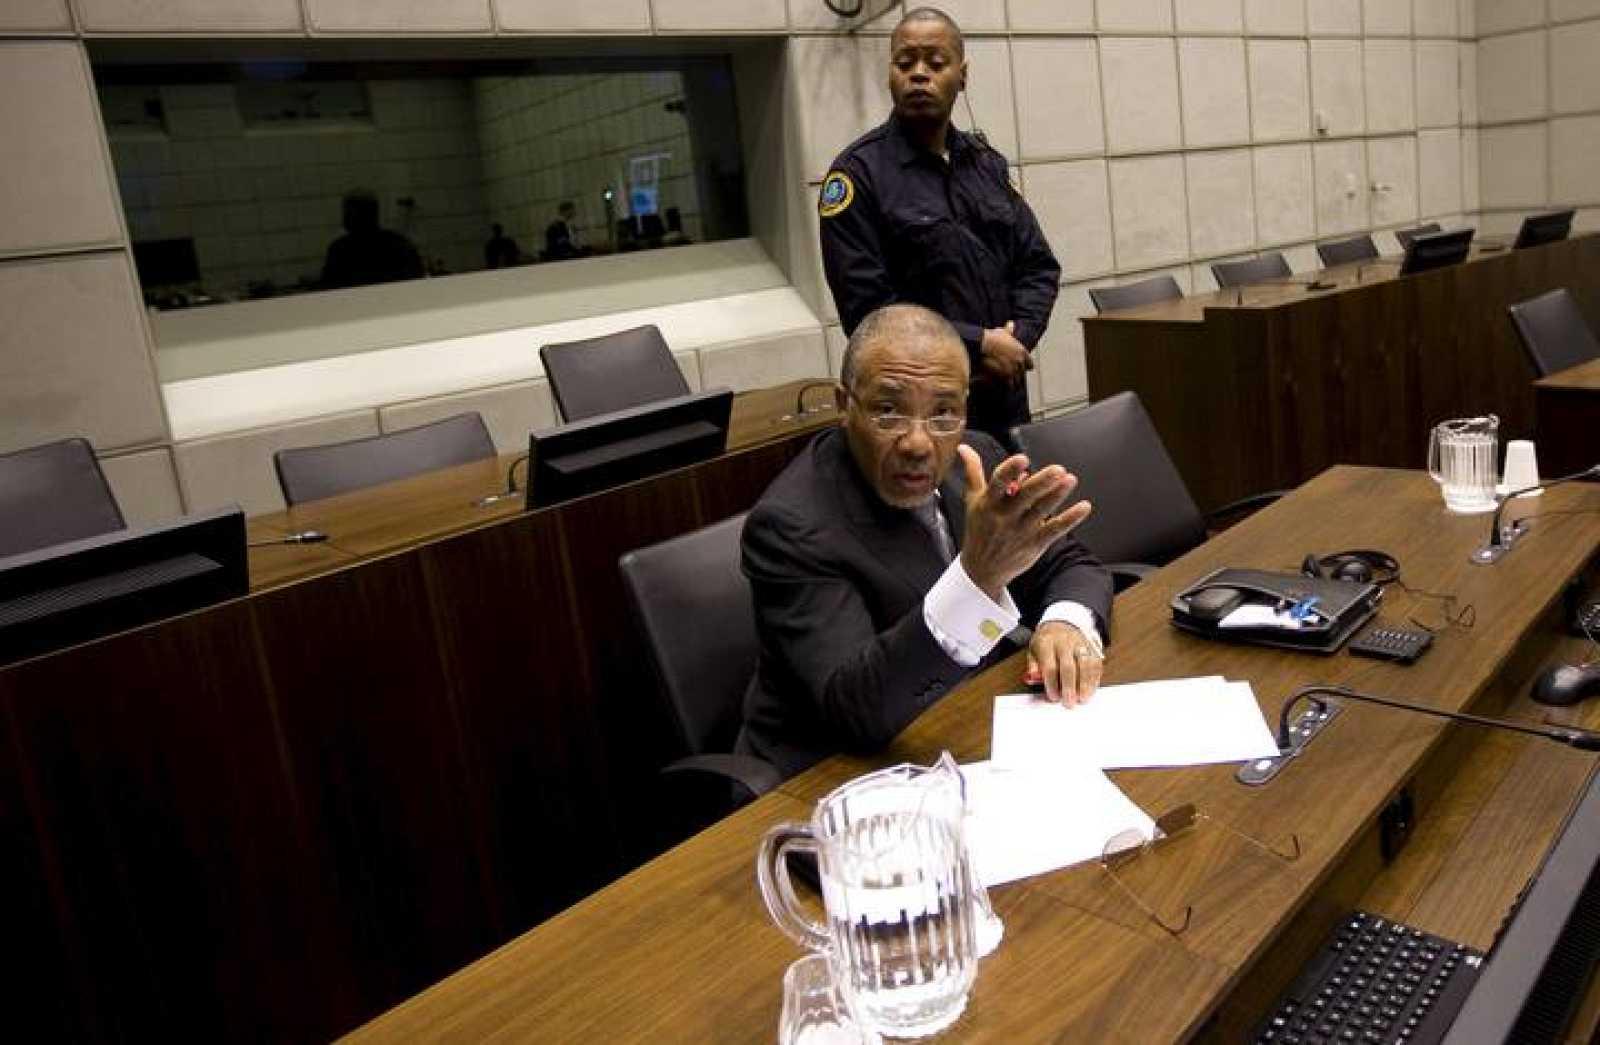 El expresidente de Liberia, Charles Taylor, espera a que la fiscalía pronuncie su alegato final durante el inicio de la sesión de su juicio en el Tribunal Especial para Sierra Leona.